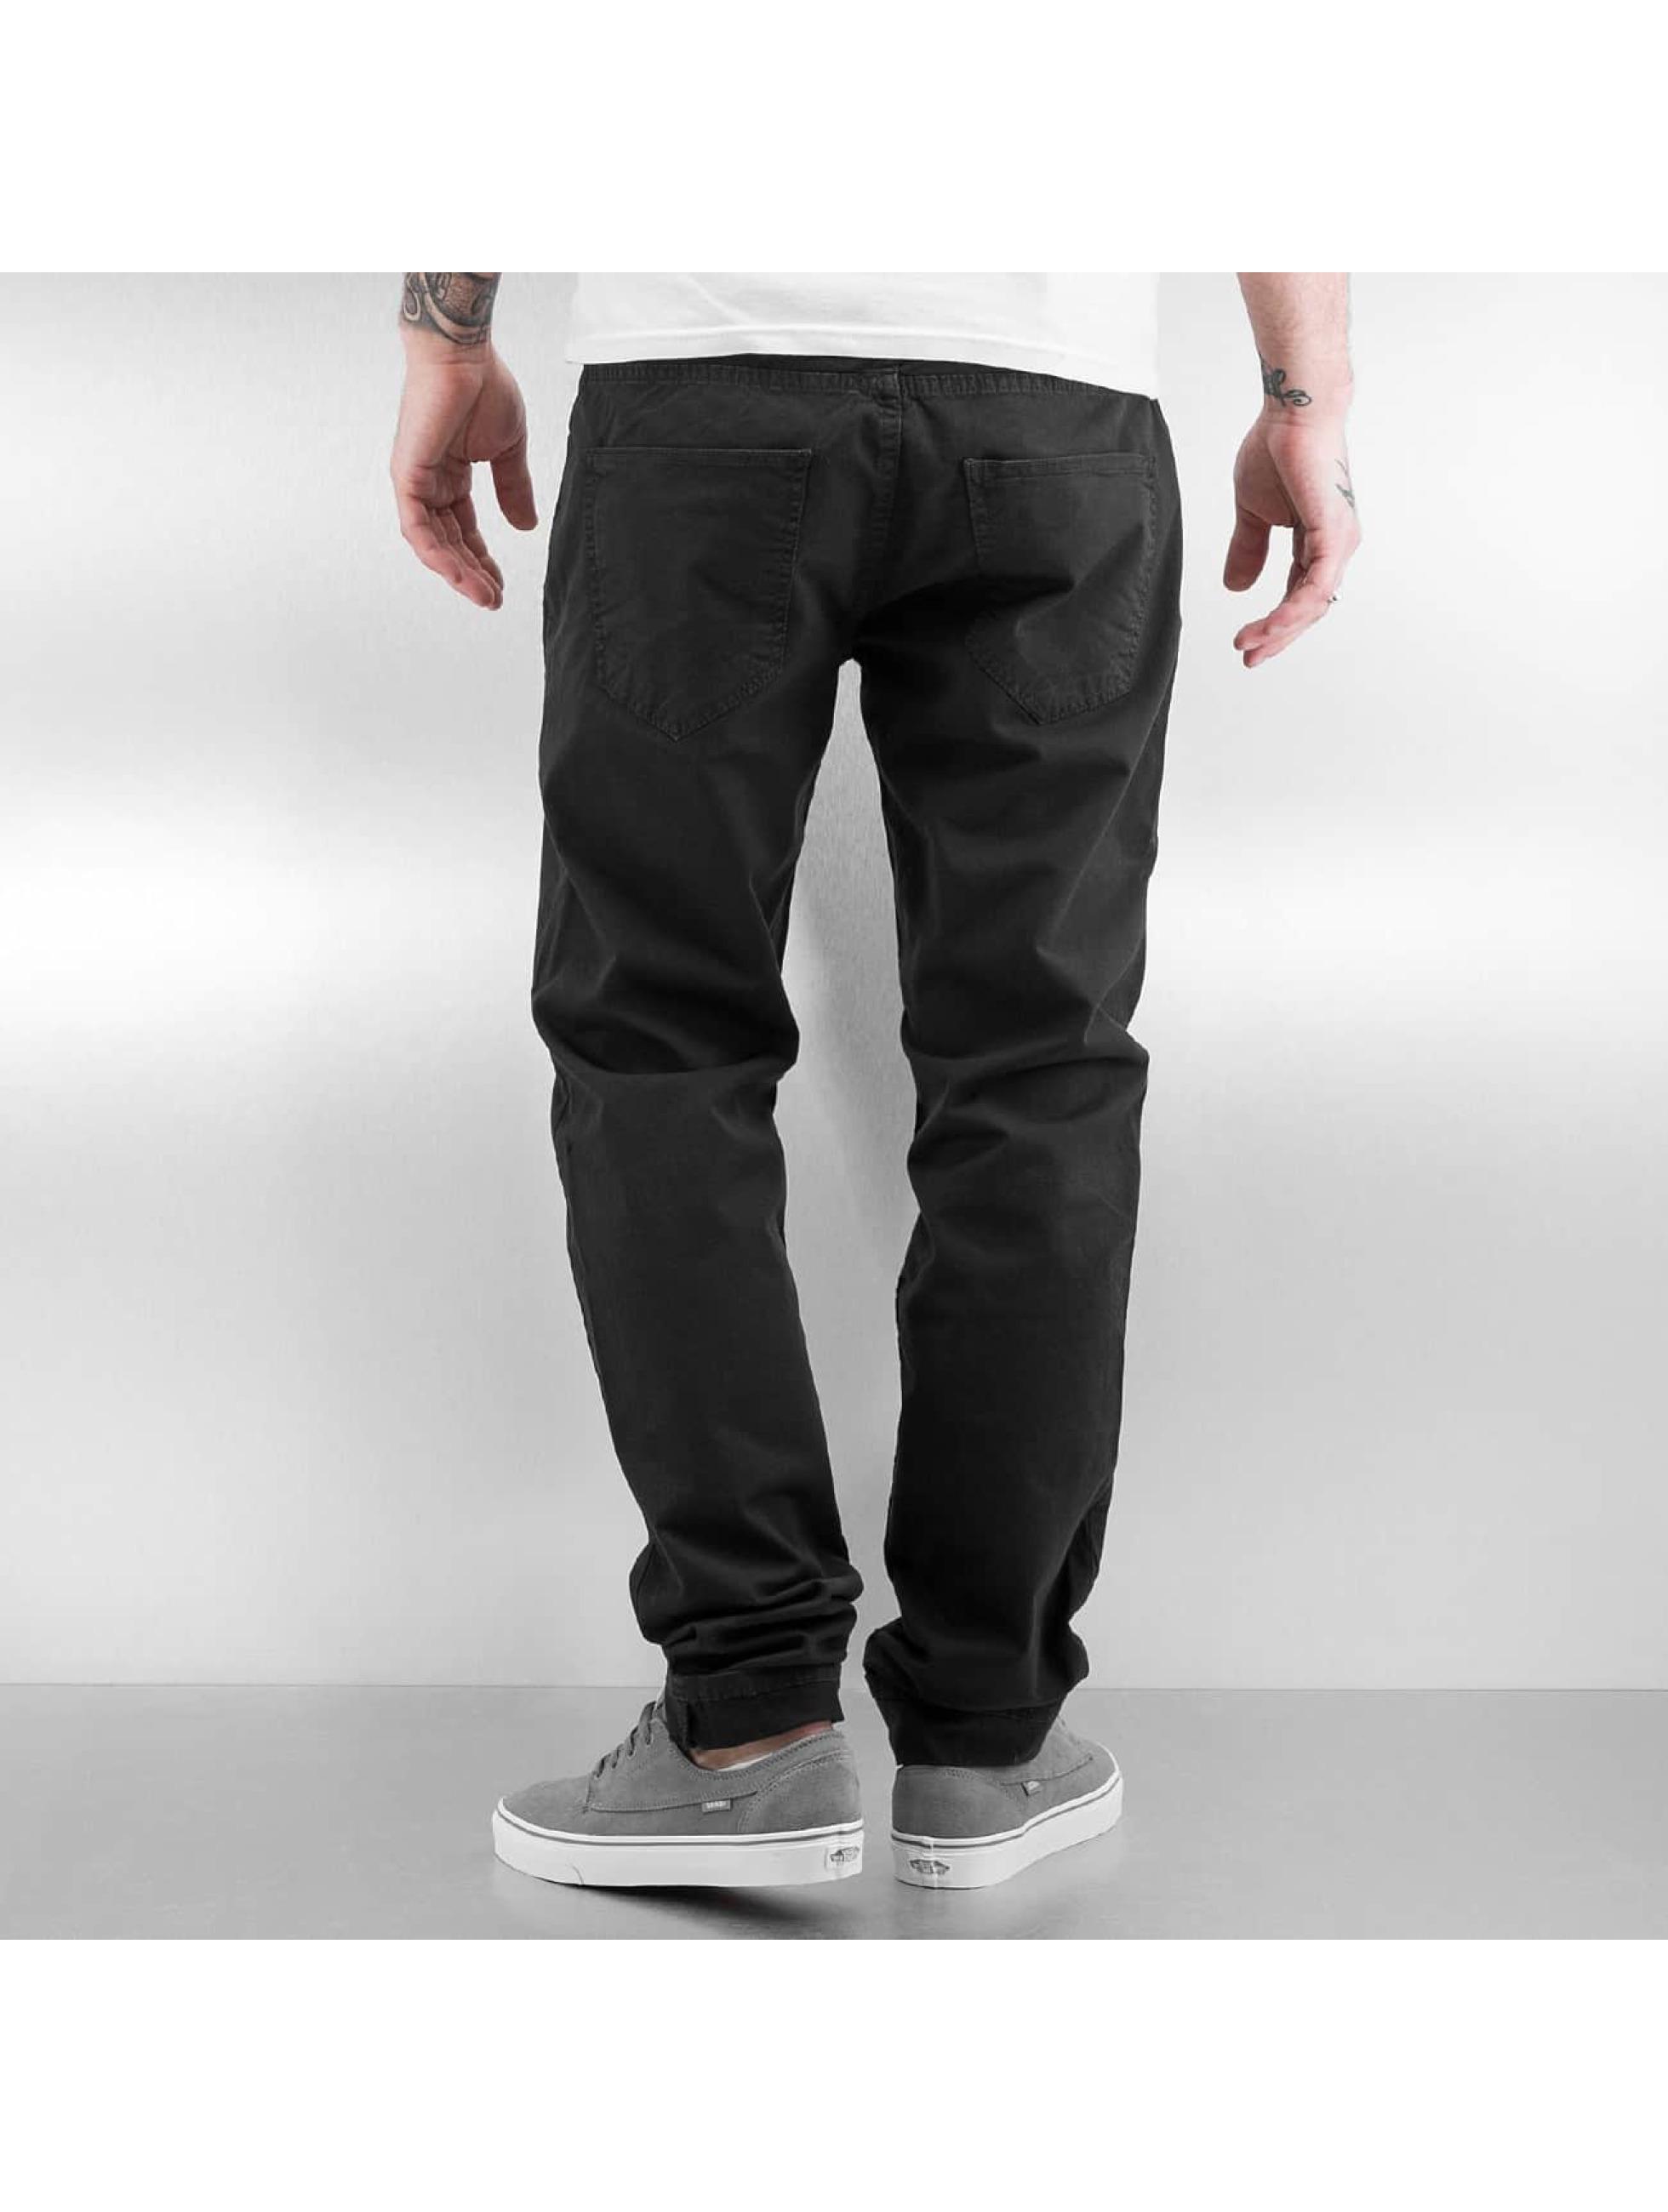 DEF Chino Basic Pants grau